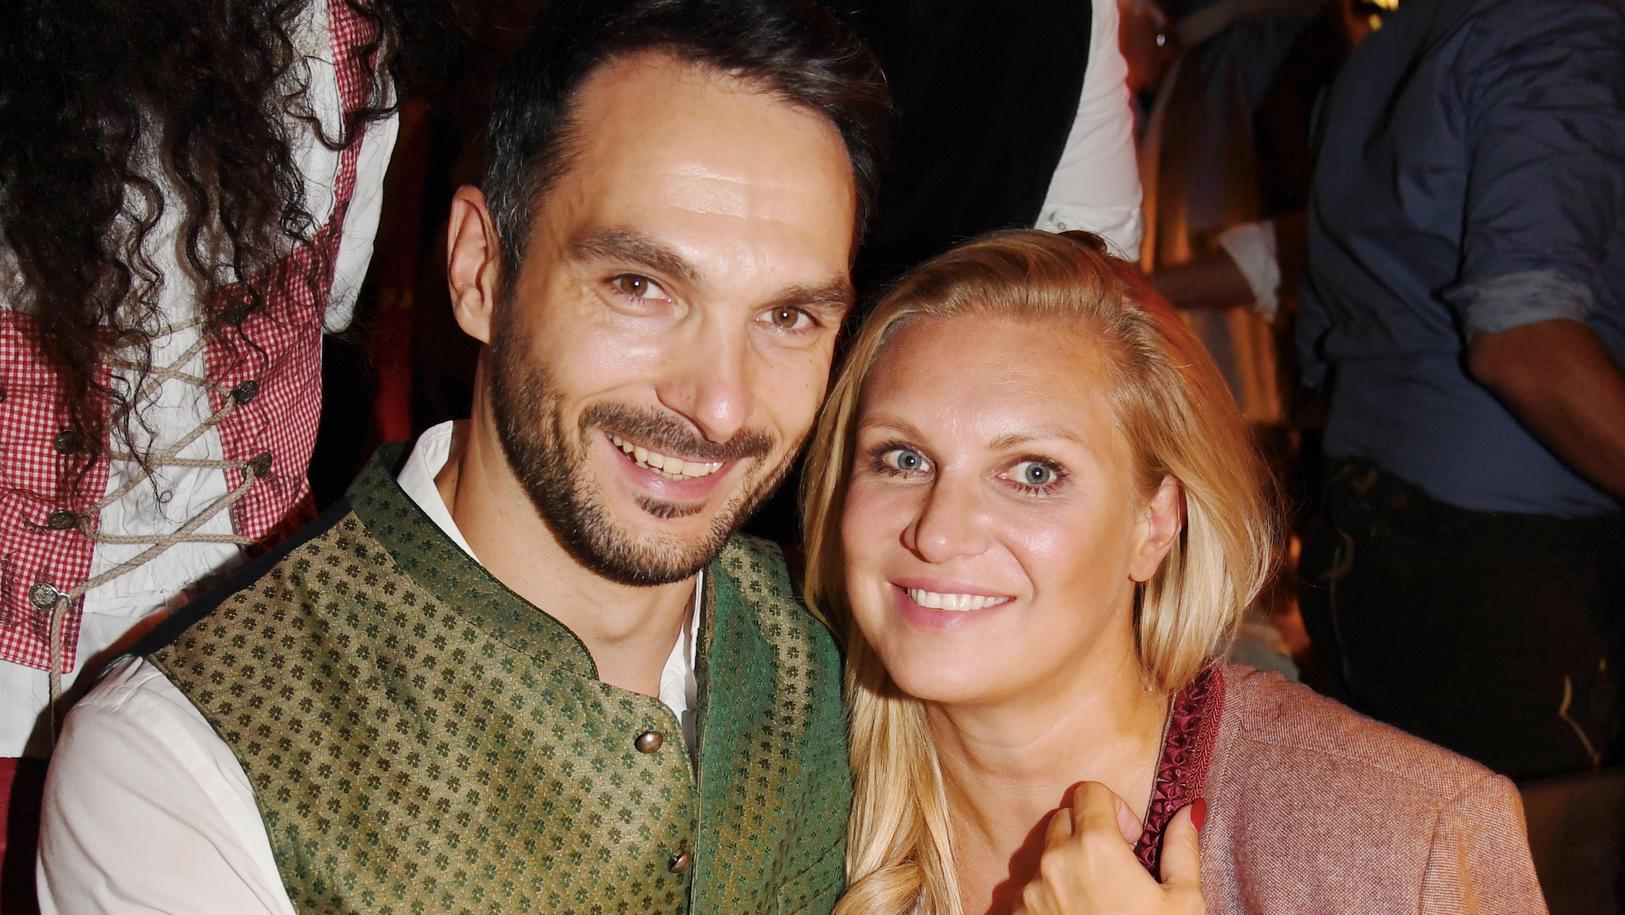 Turn-Legende Magdalena Brzeska total verliebt auf der Wiesn